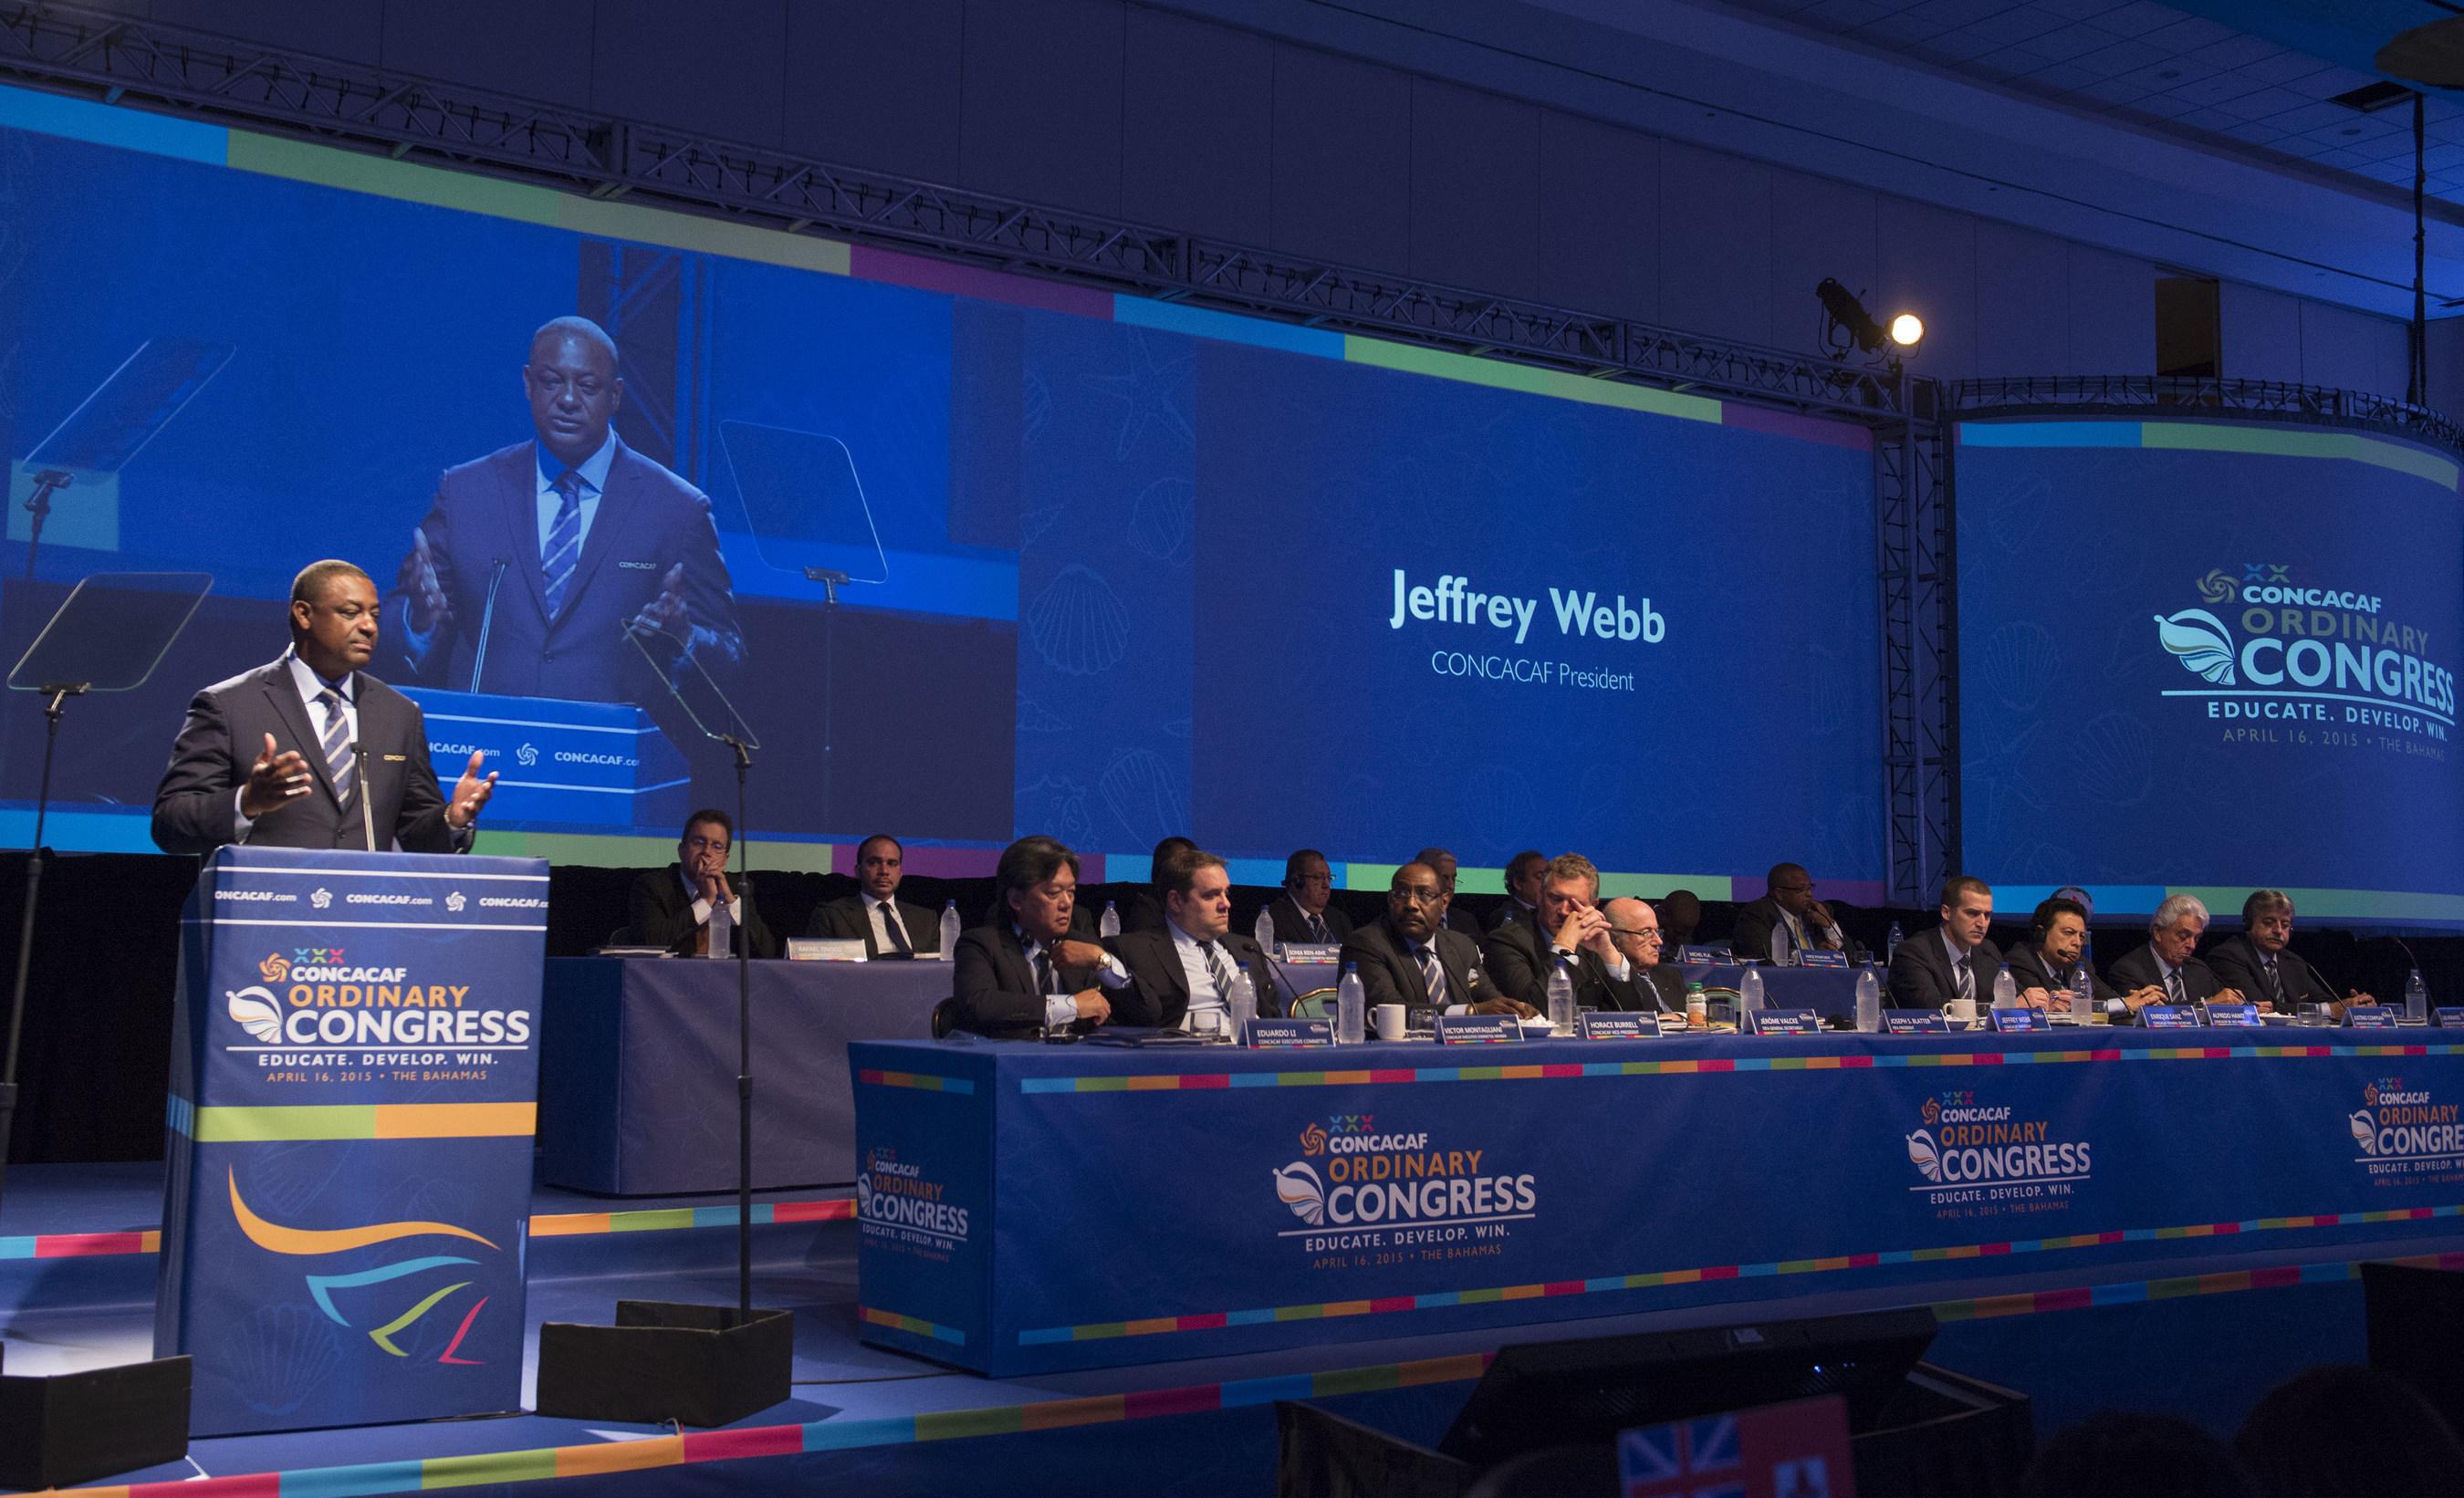 Obchody 30 kongresu zwyczajnego organizacji CONCACAF